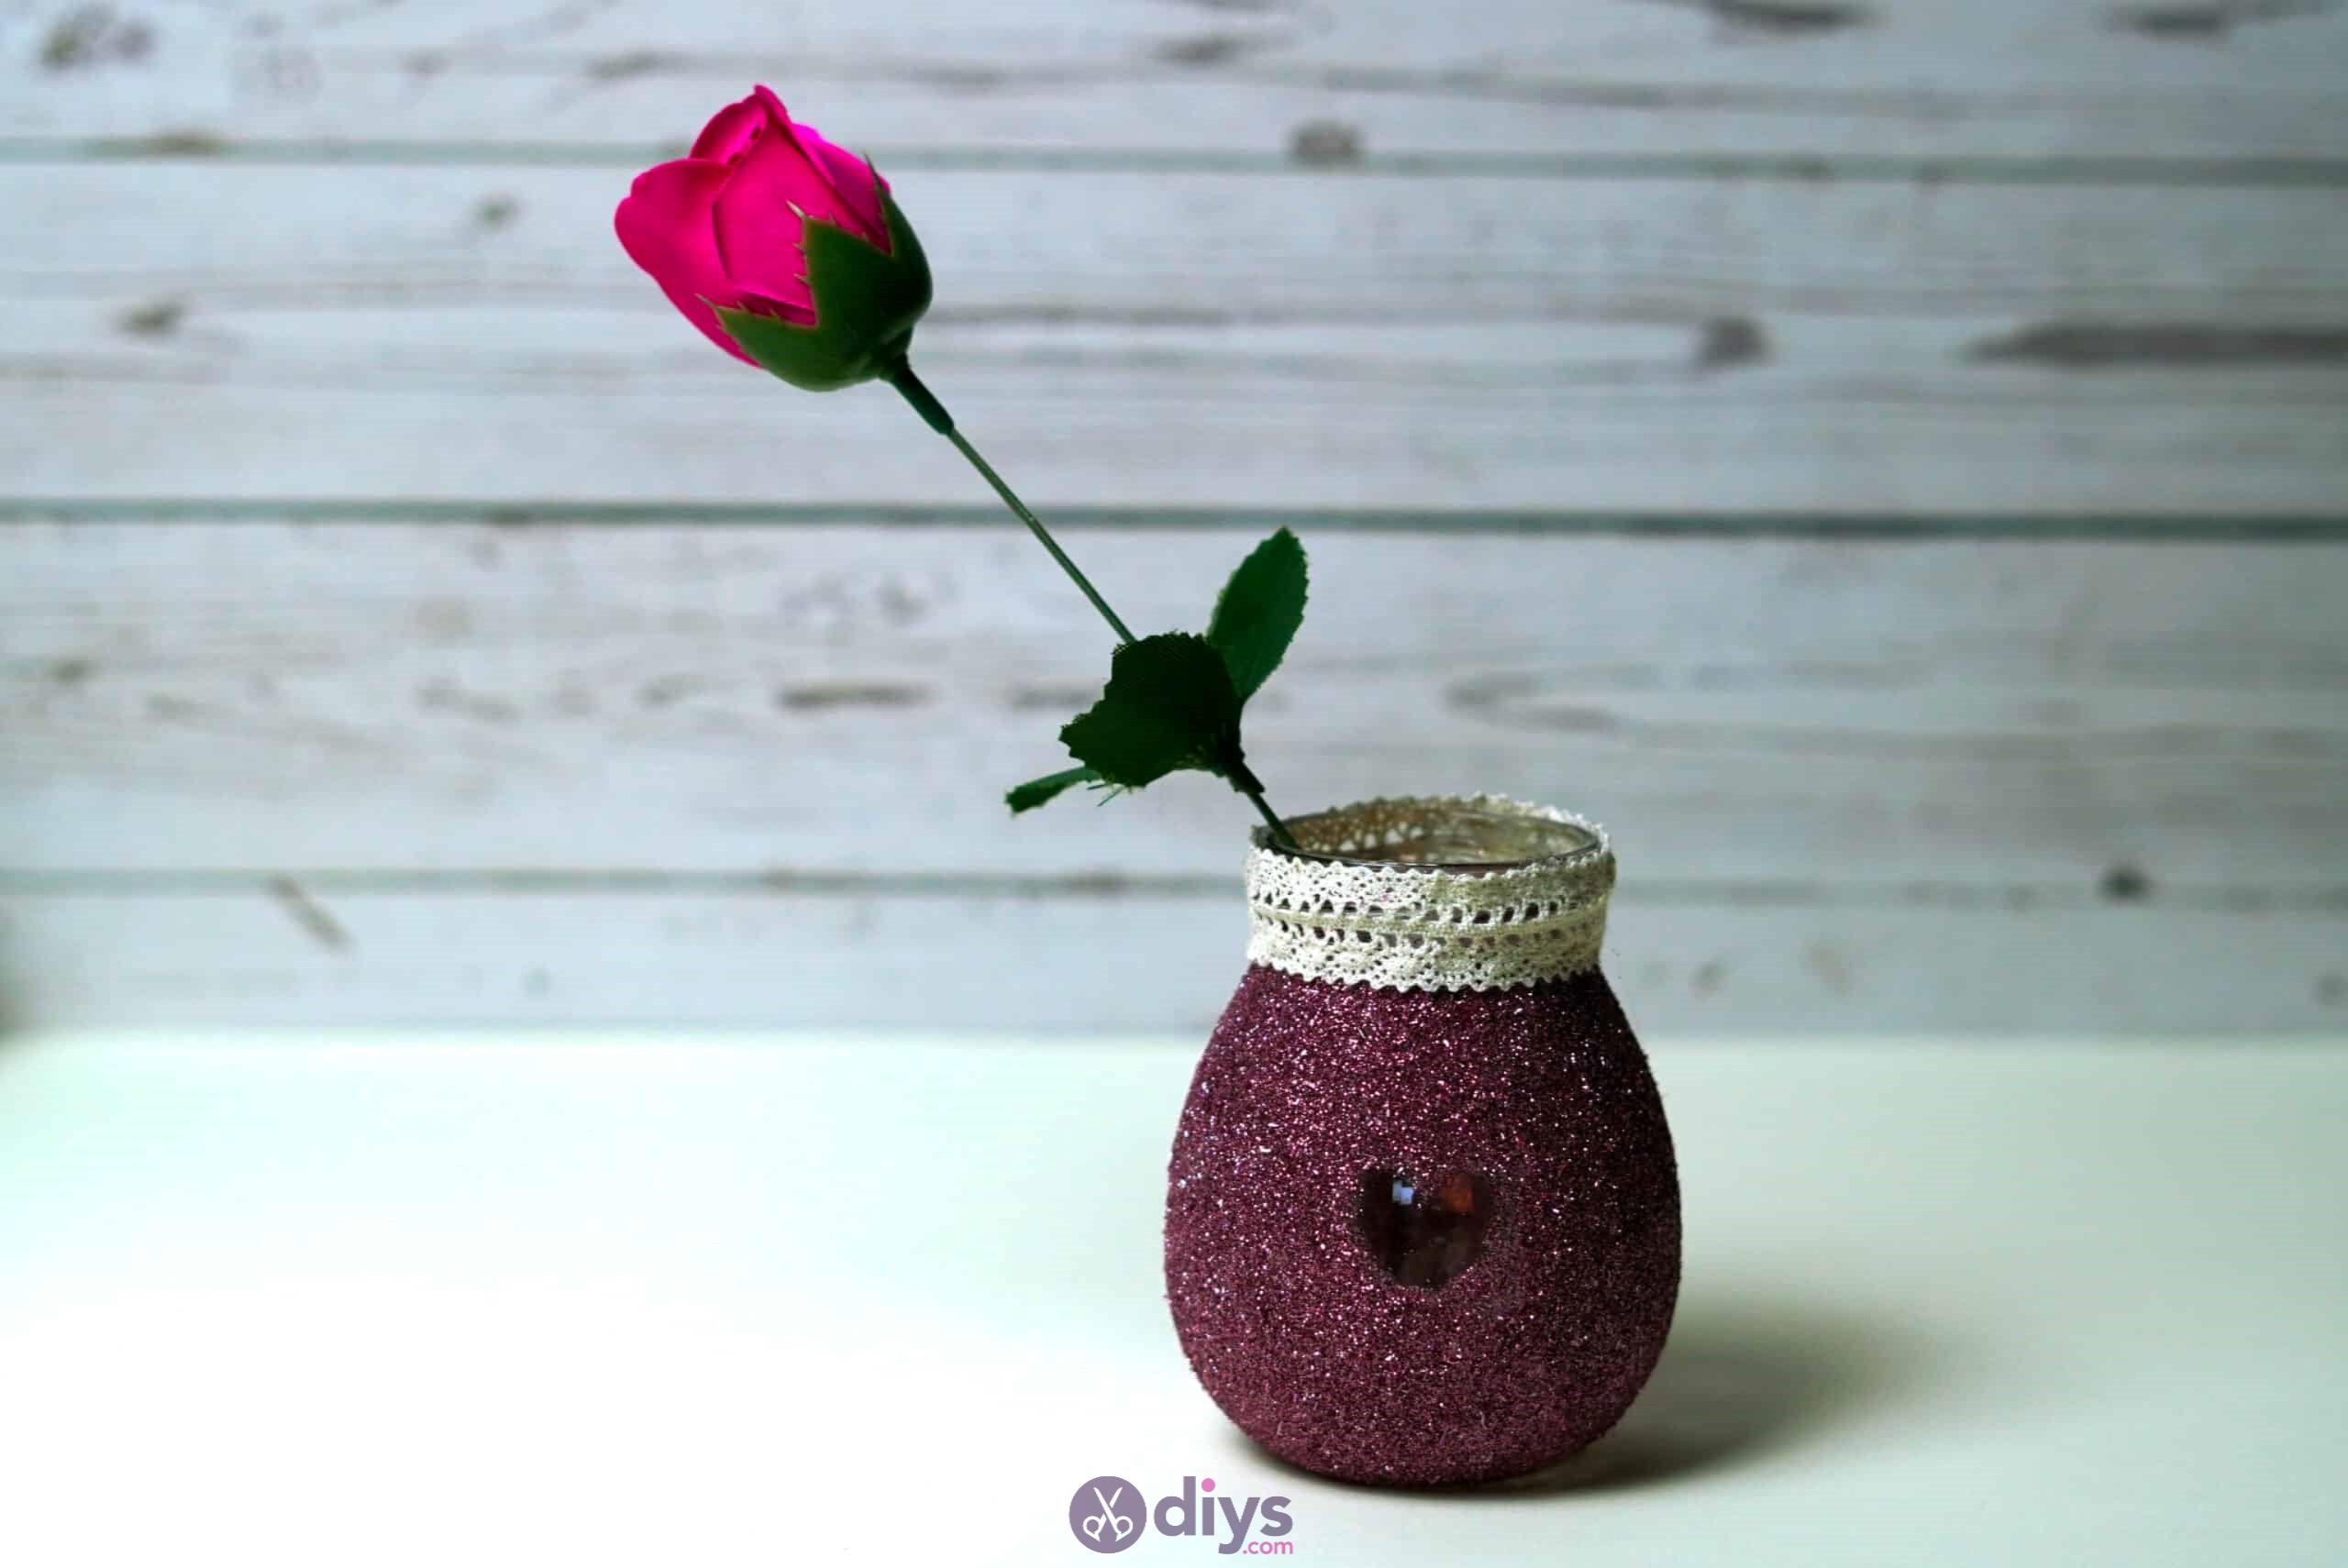 Diy flower glitter vase from glass jars